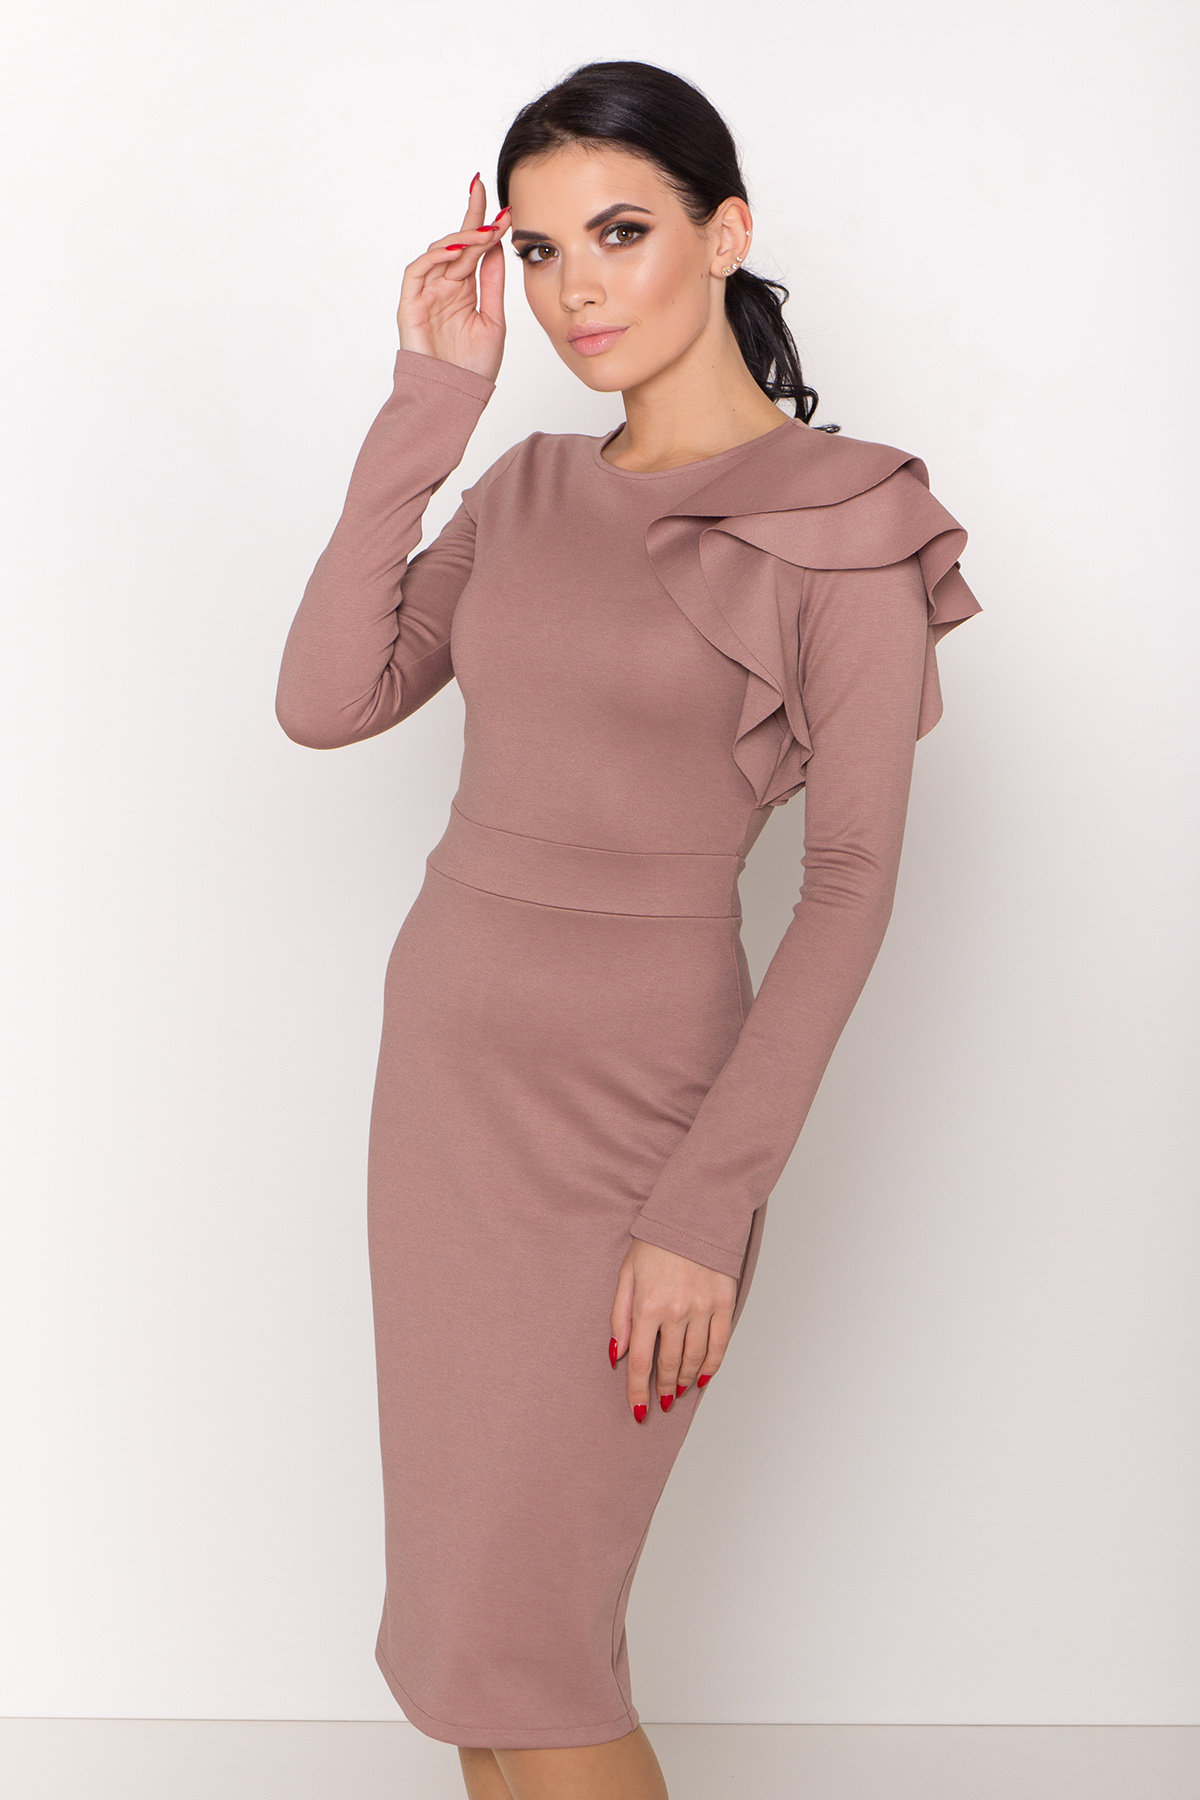 Платье Оникс 8367 АРТ. 44795 Цвет: Бежевый Темный - фото 4, интернет магазин tm-modus.ru